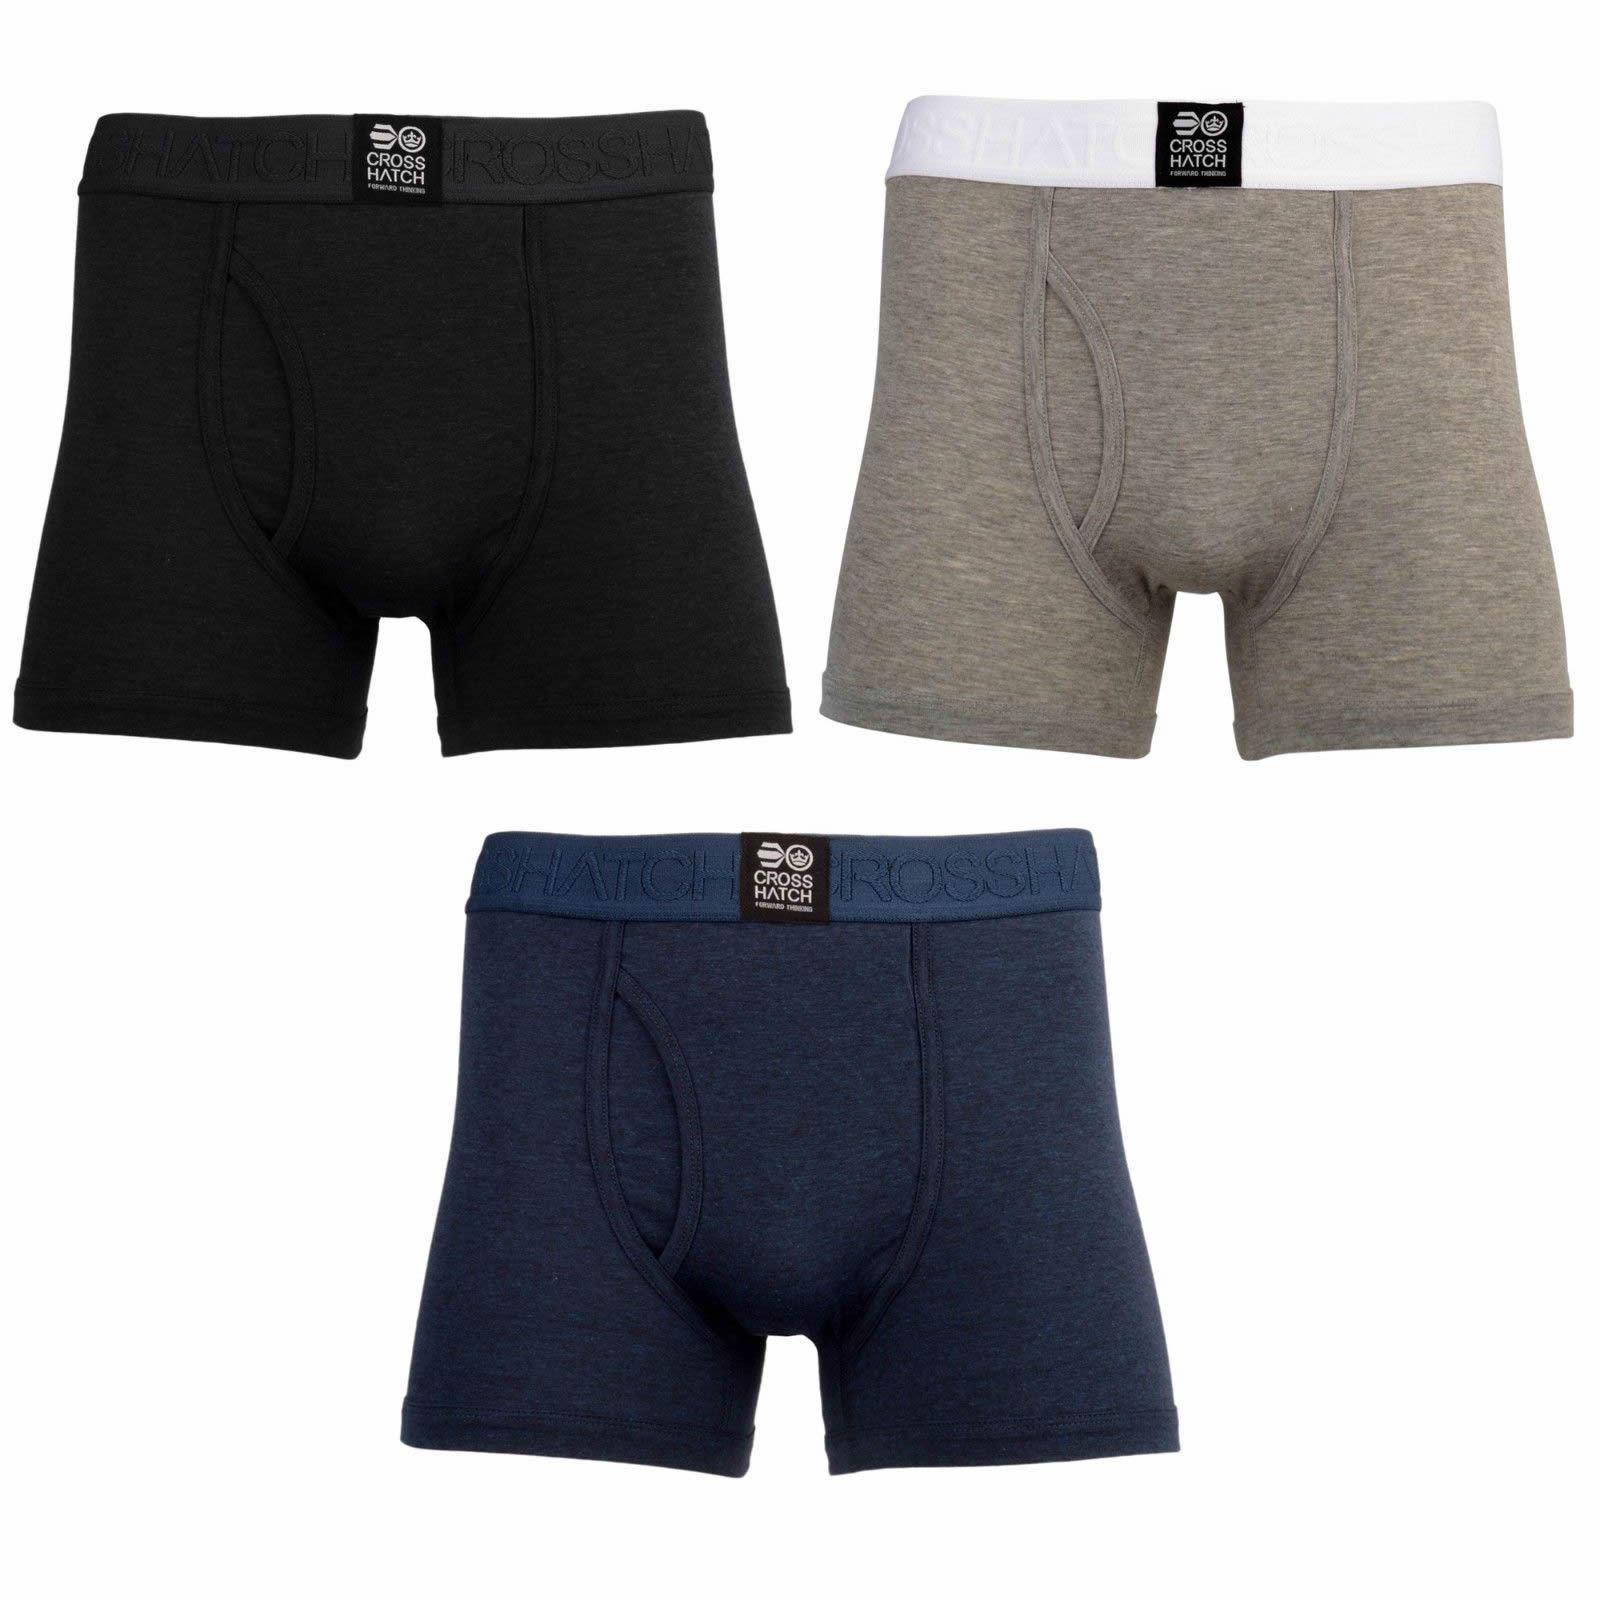 Crosshatch Triplet Homme Boxer Shorts 3 Conditionnement Multiple Multiple Conditionnement de sous-vêtements Caleçons 24de0a